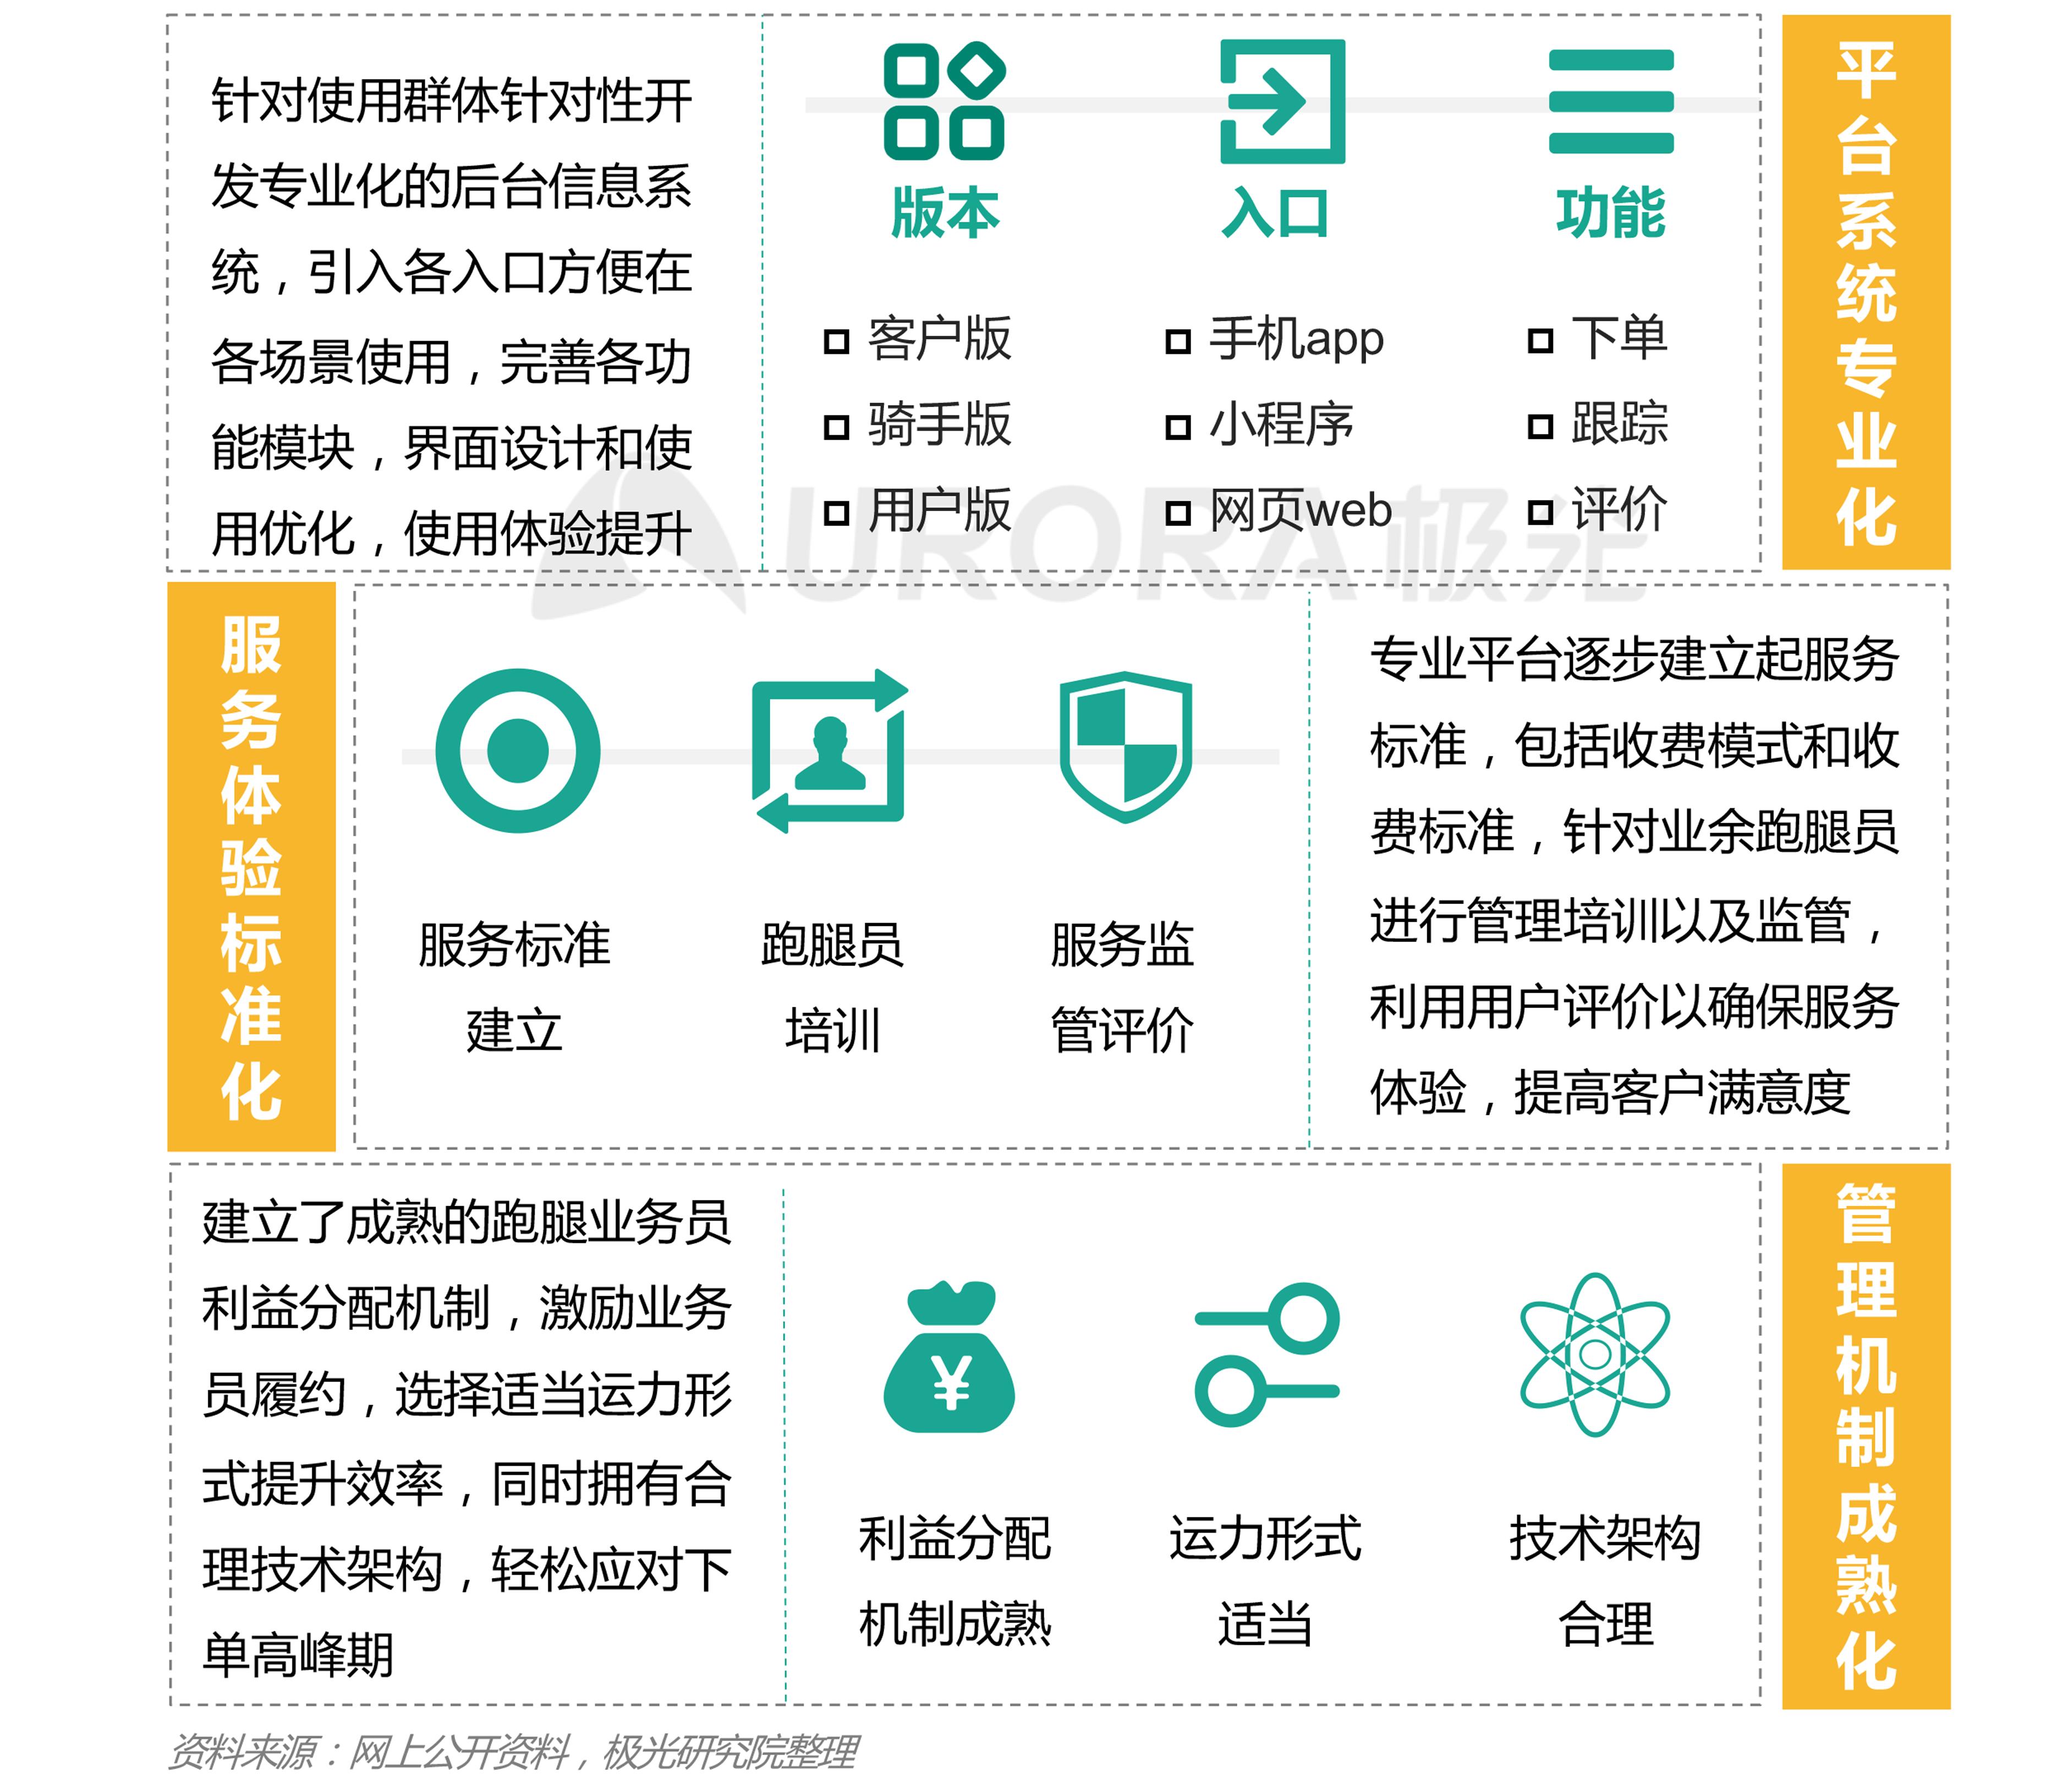 极光:2020年疫情后跑腿行业研究报告 (18).png